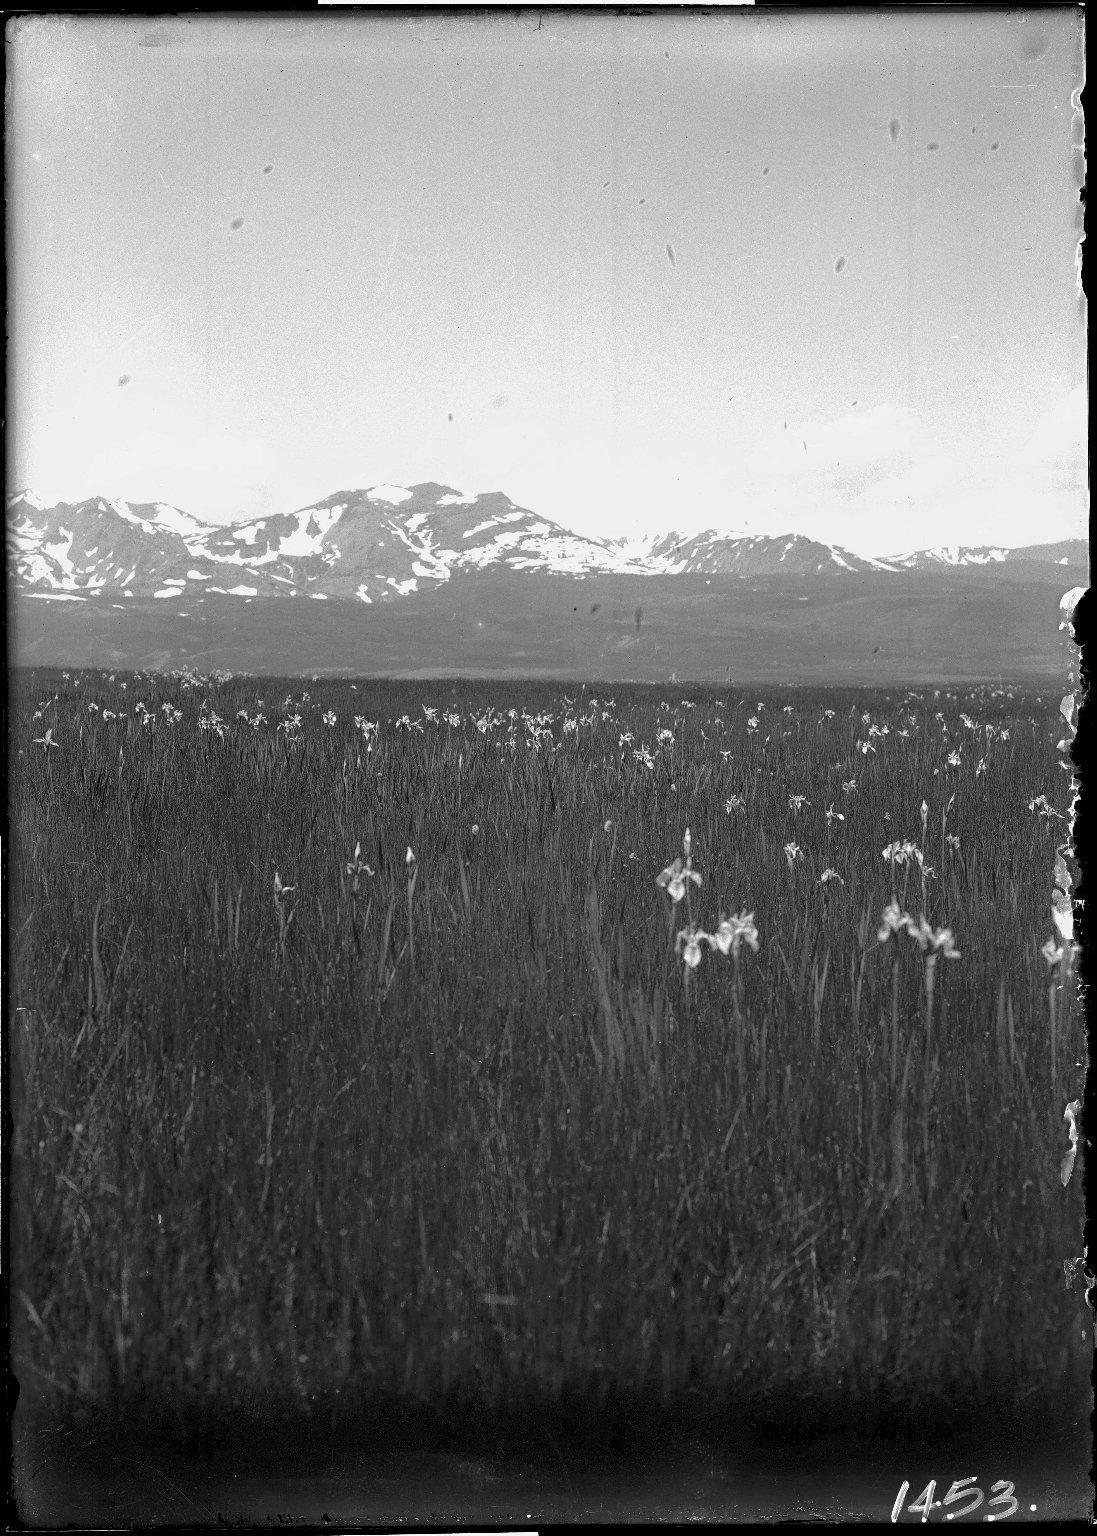 Mt. Zirkel and Wild Iris